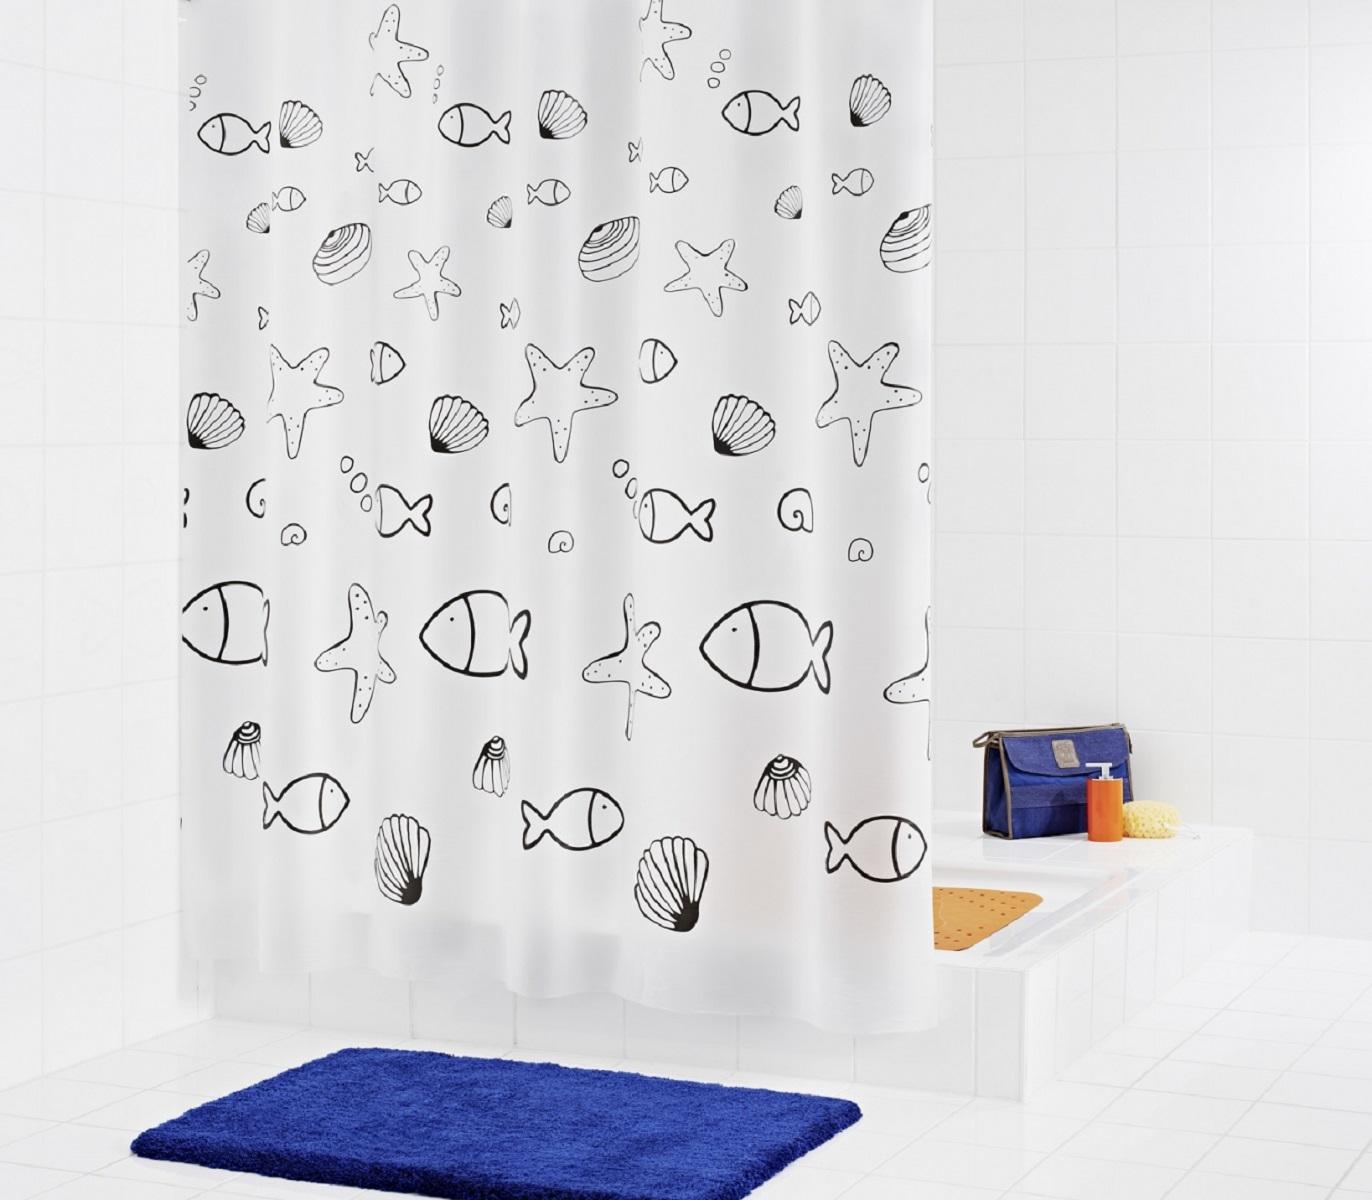 Штора для ванной комнаты Ridder Seashell, 180 х 200 см32630Высококачественная немецкая штора для душа создает прекрасное настроение.Продукты из эколена не имеют запаха и считаются экологически чистыми.Ручная стирка. Не гладить.